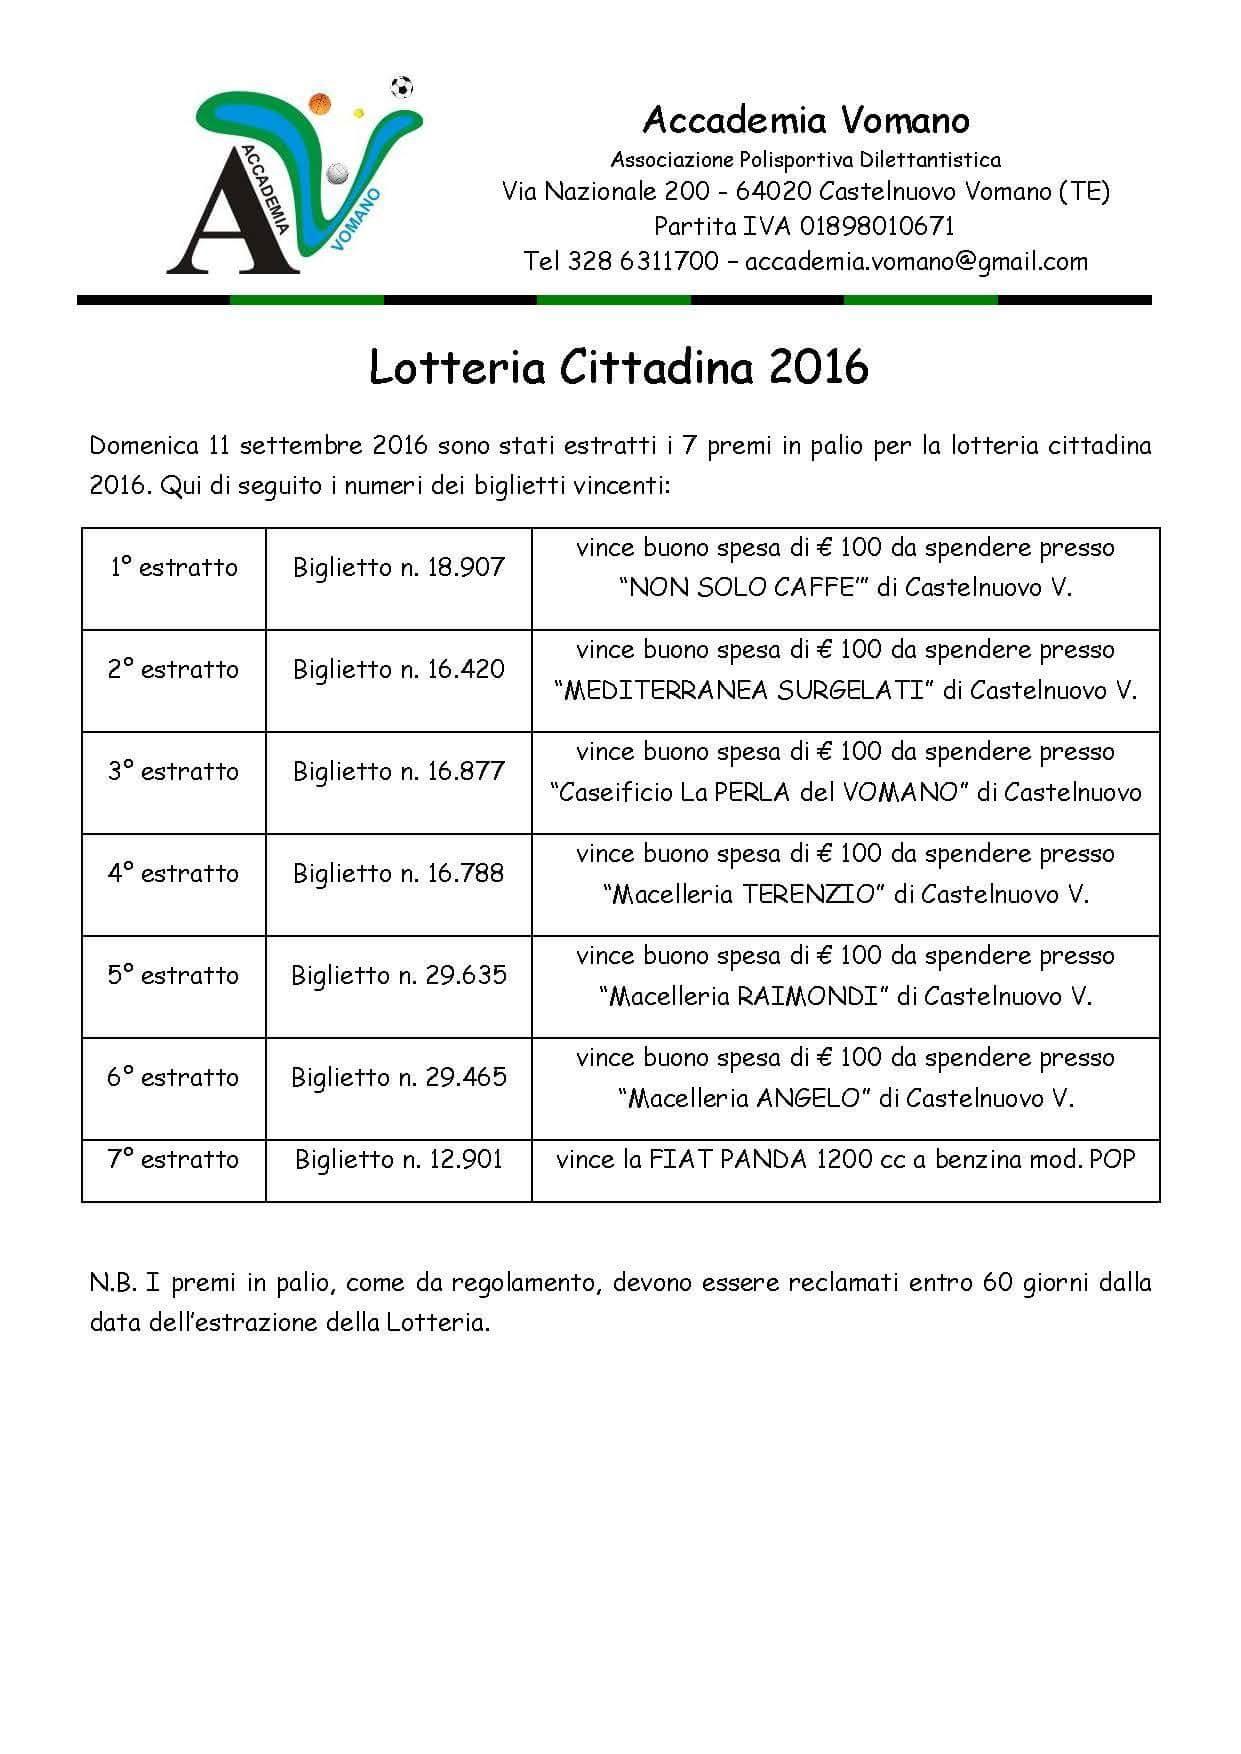 lotteria_accademia_vomano